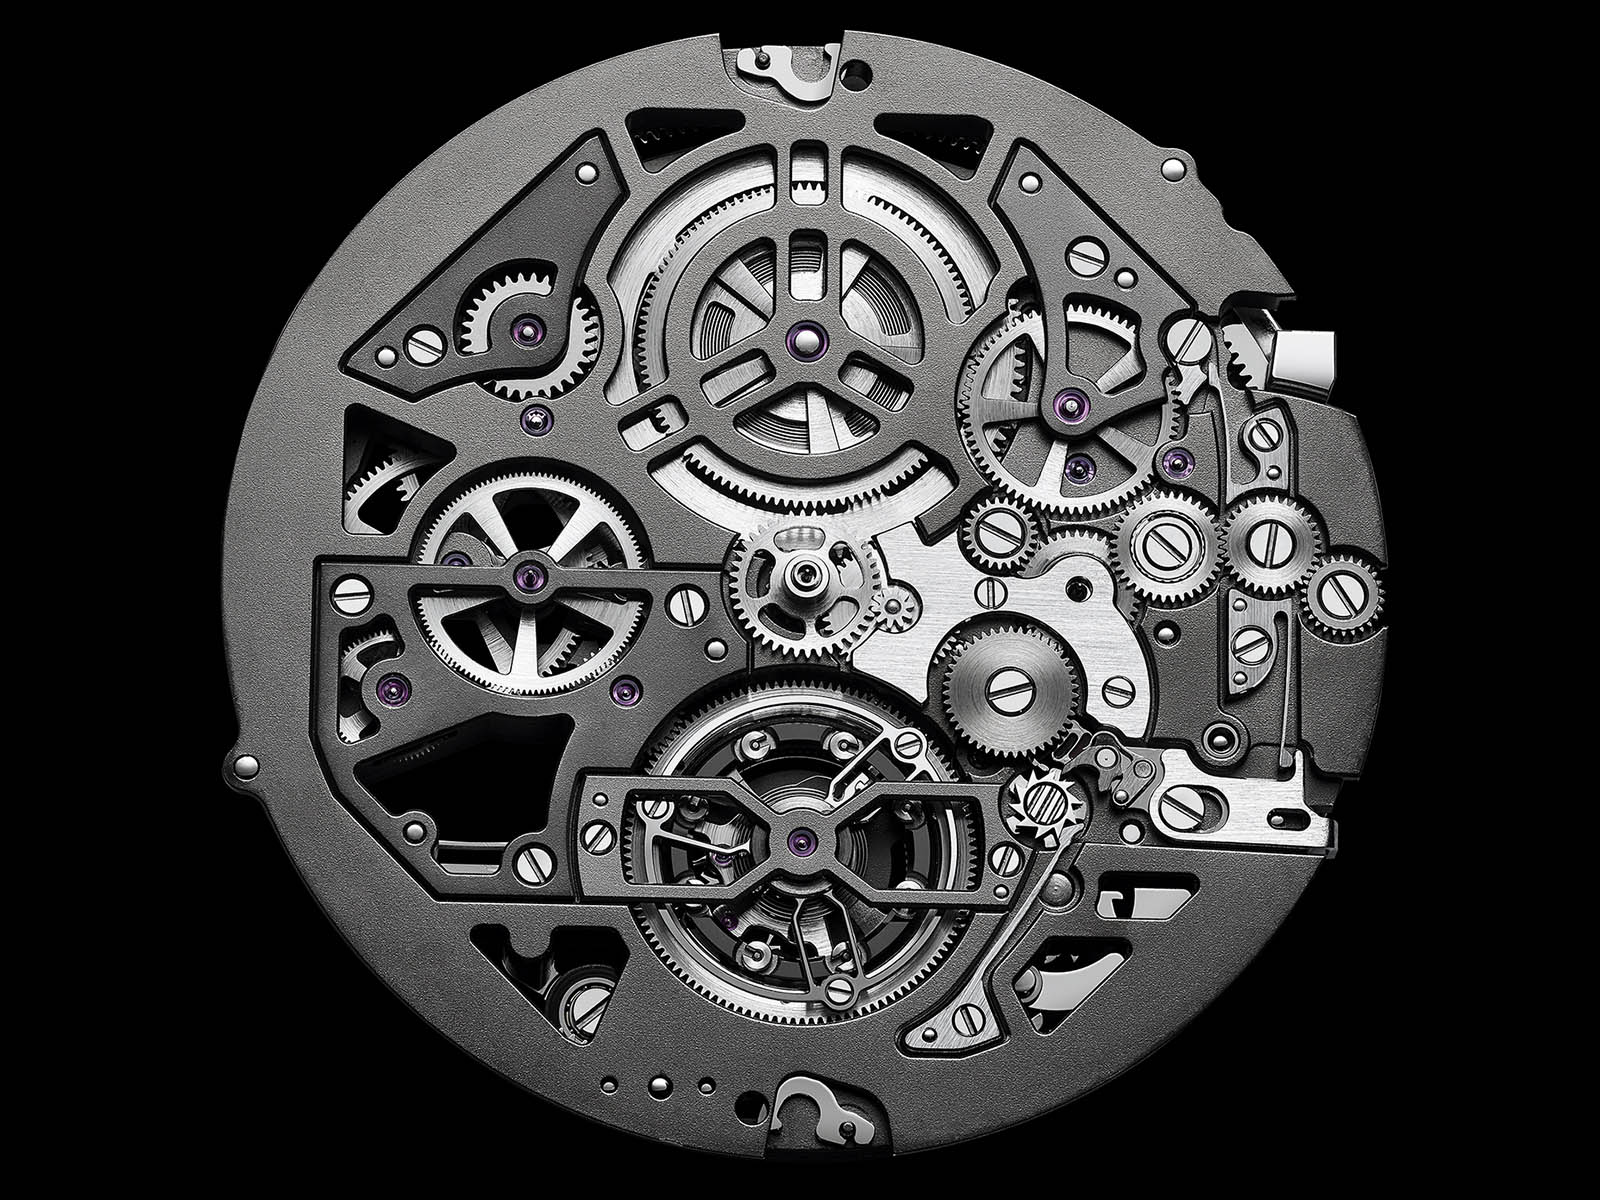 103295-bulgari-octo-finissimo-tourbillon-chronograph-skeleton-automatic-7.jpg